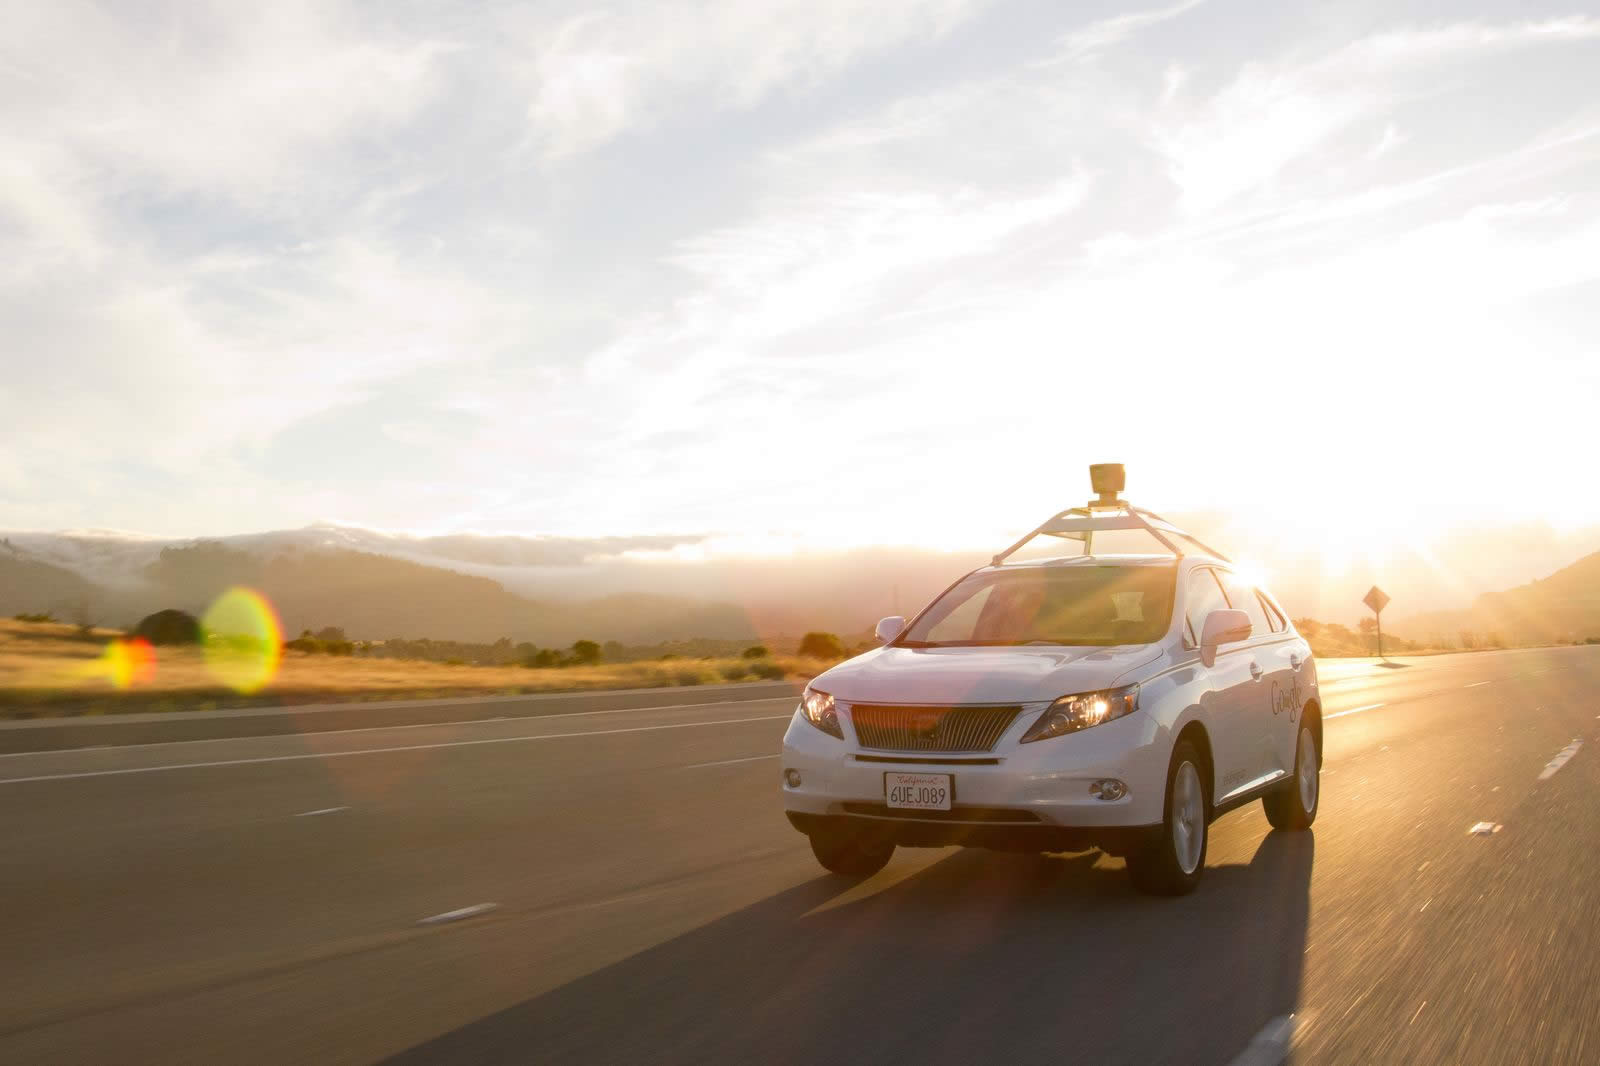 Self-Driving Car - Google